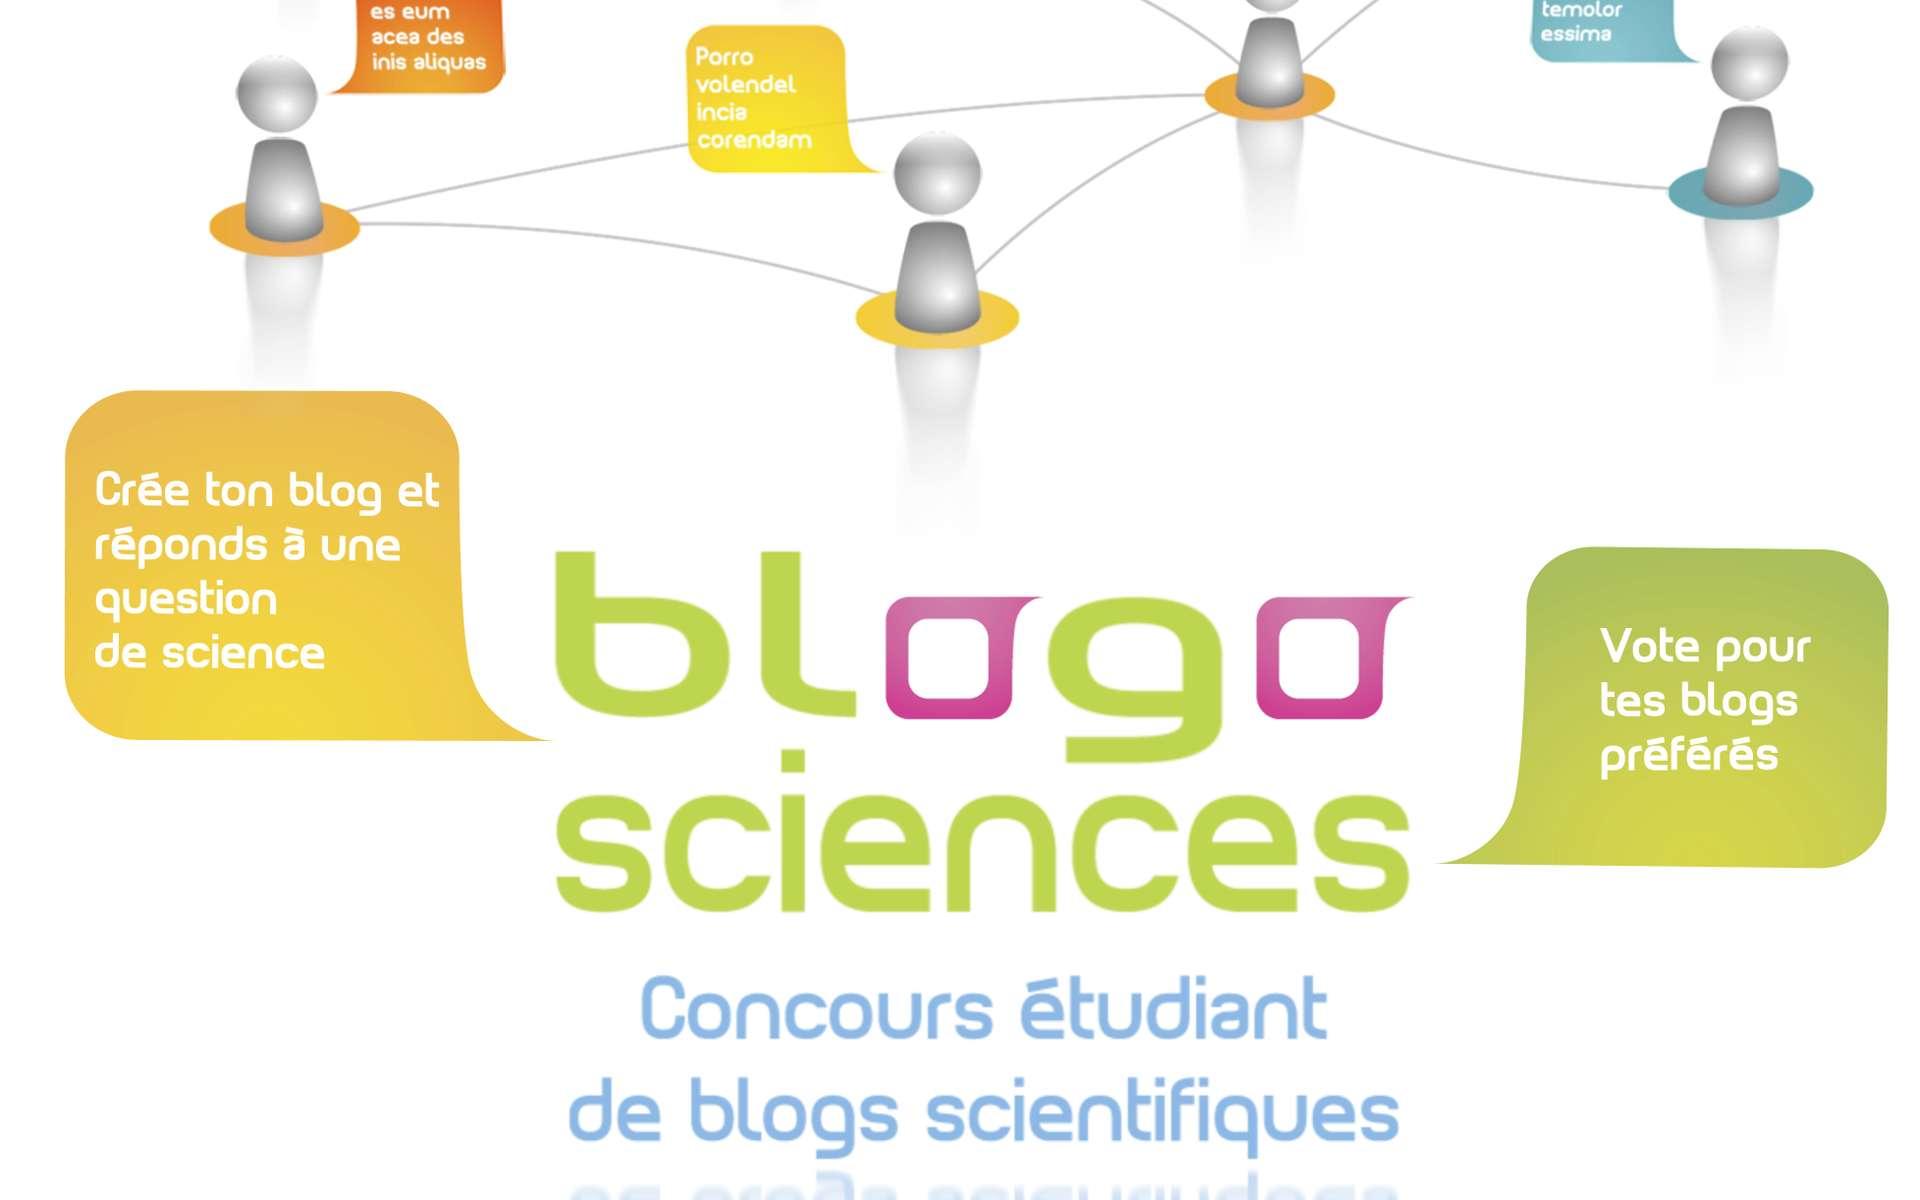 Participez au concours Blogosciences et faites partager votre blog scientifique. © Blogosciences